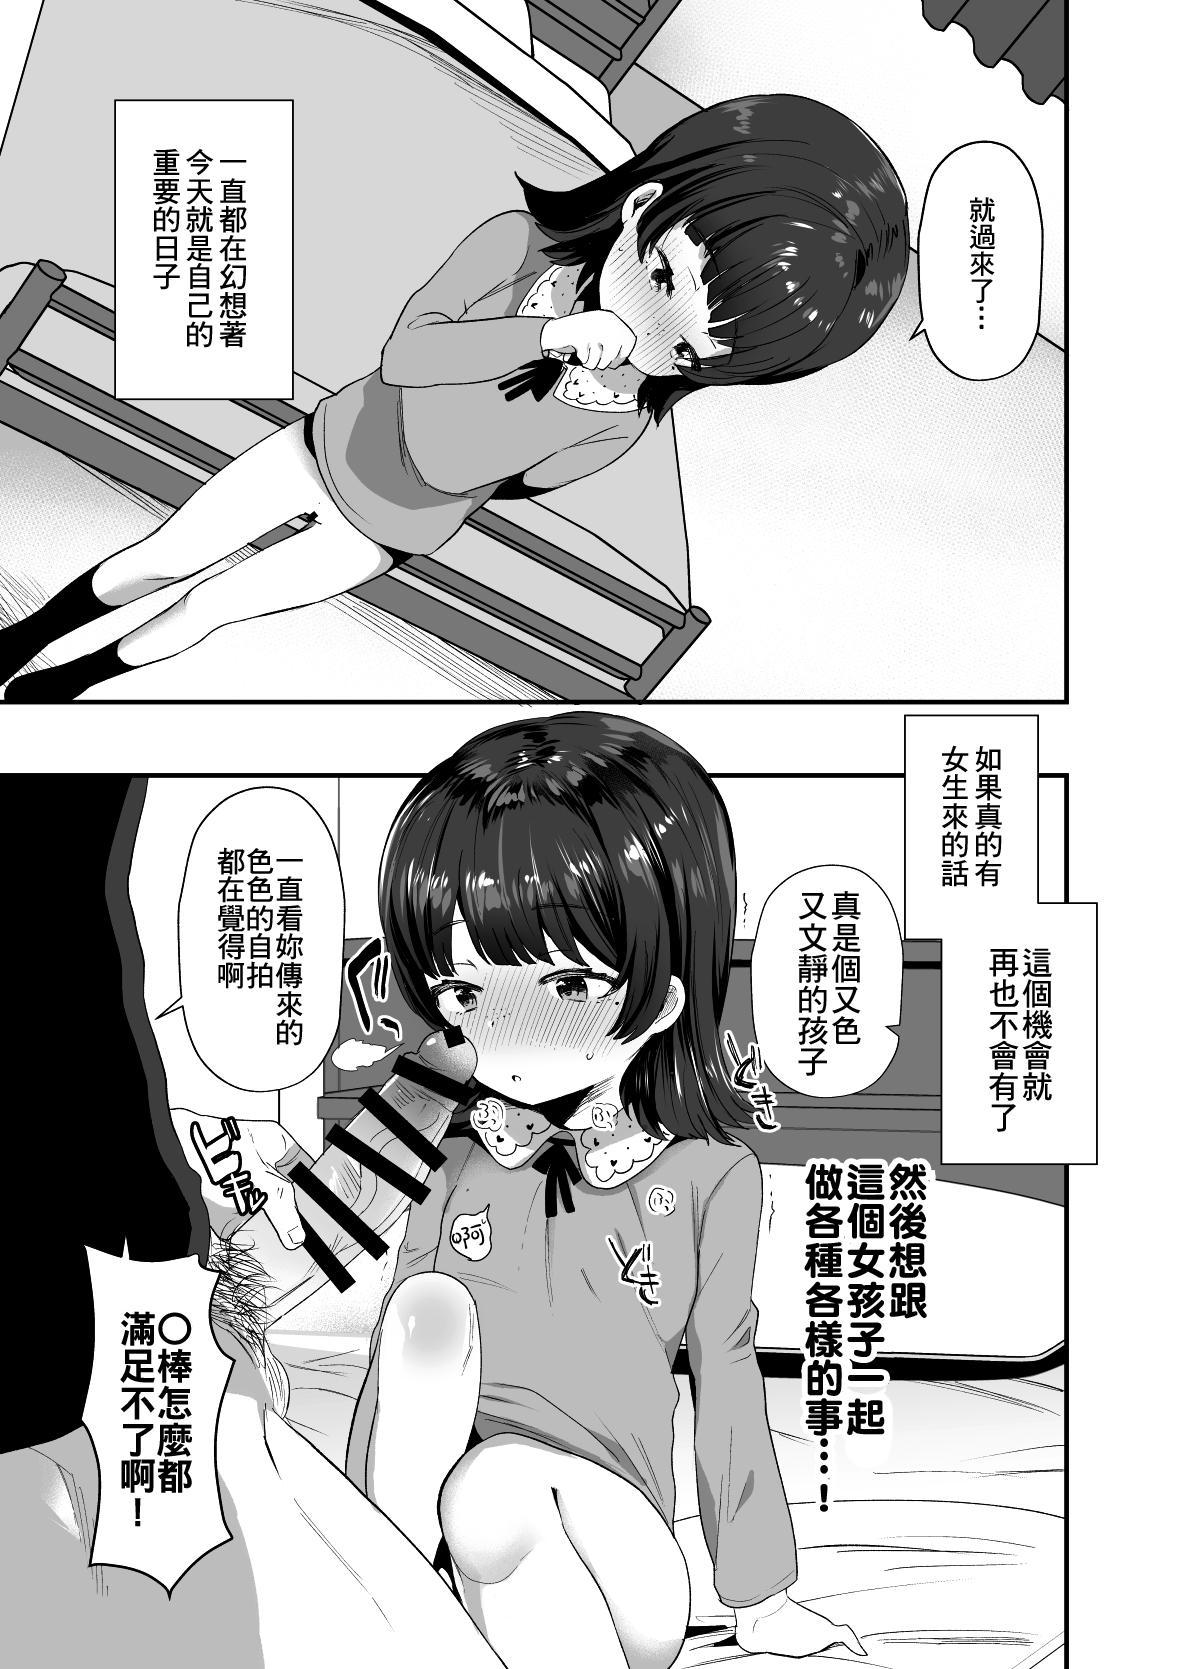 Ore ni dake Ero Jidori o Okutte Kureru JS to Hajimete no Off-kai de 8